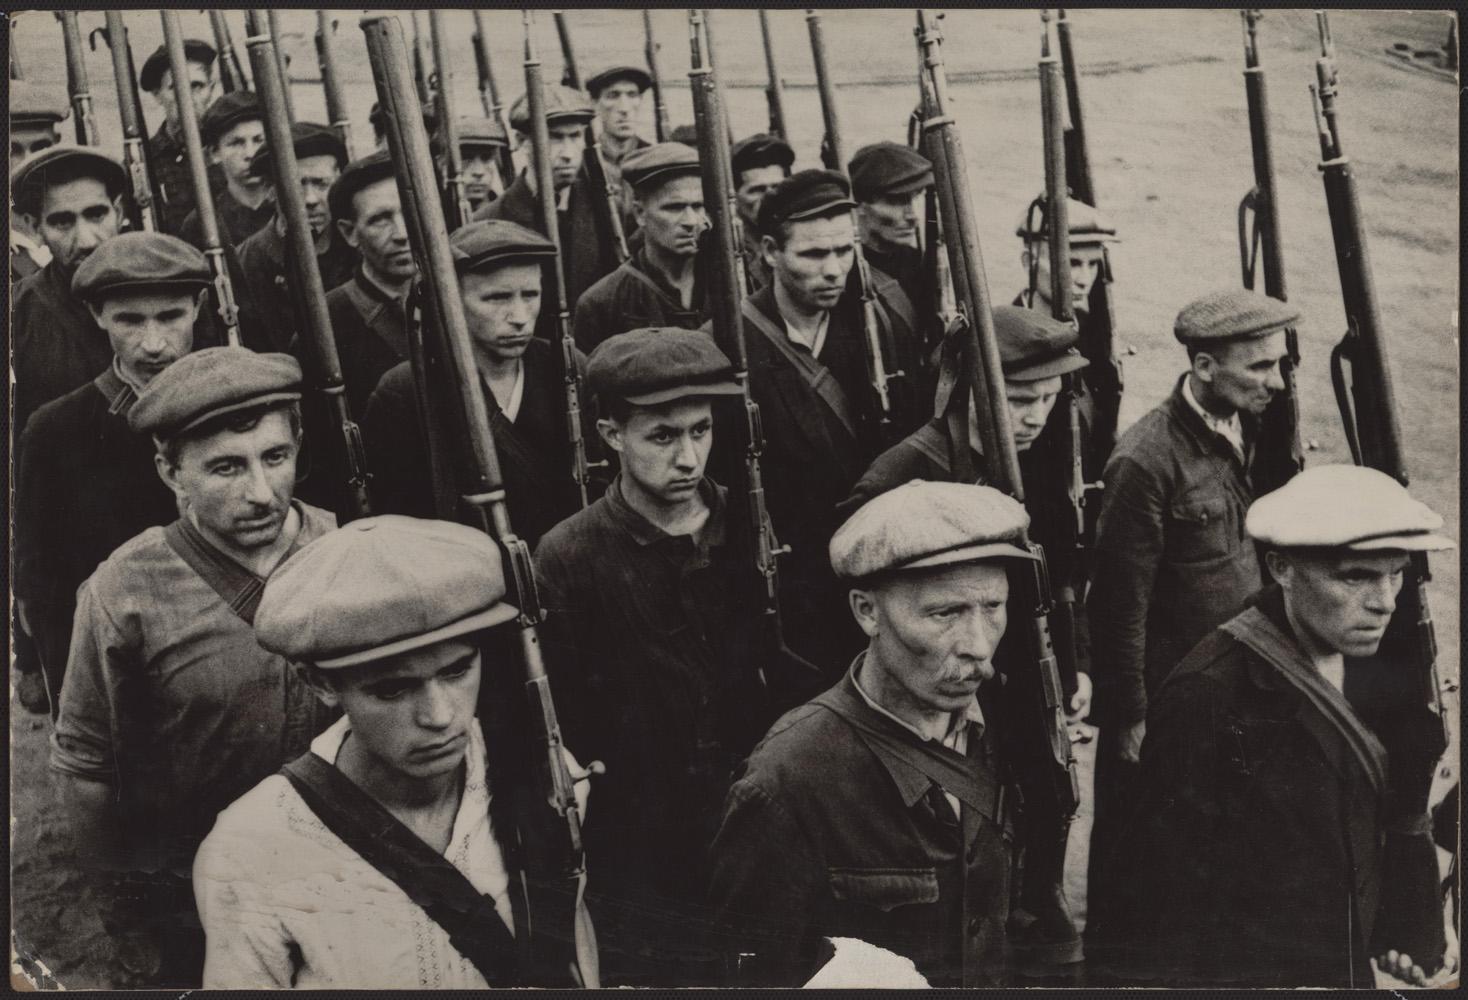 Эммануил Евзерихин. Московские ополченцы. 1941. Цифровой отпечаток. Собрание МАММ